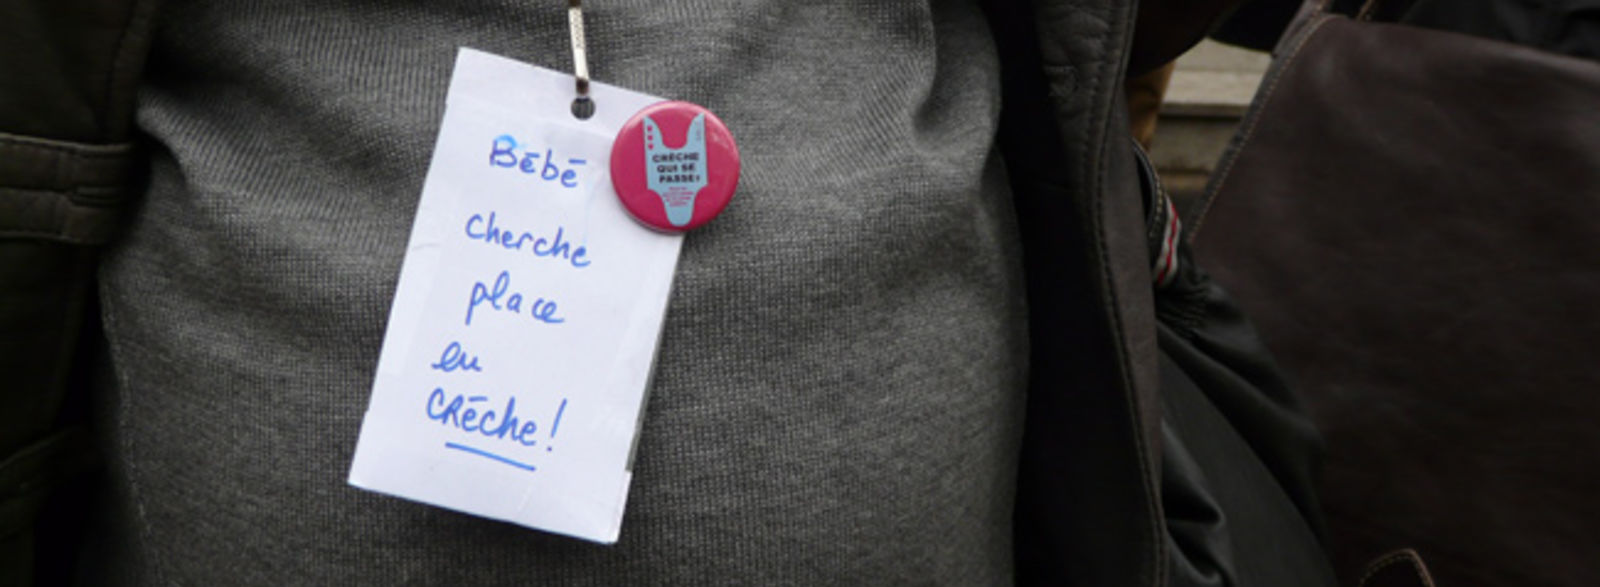 Petite enfance : un collectif pour dénoncer la pénurie de places en crèche